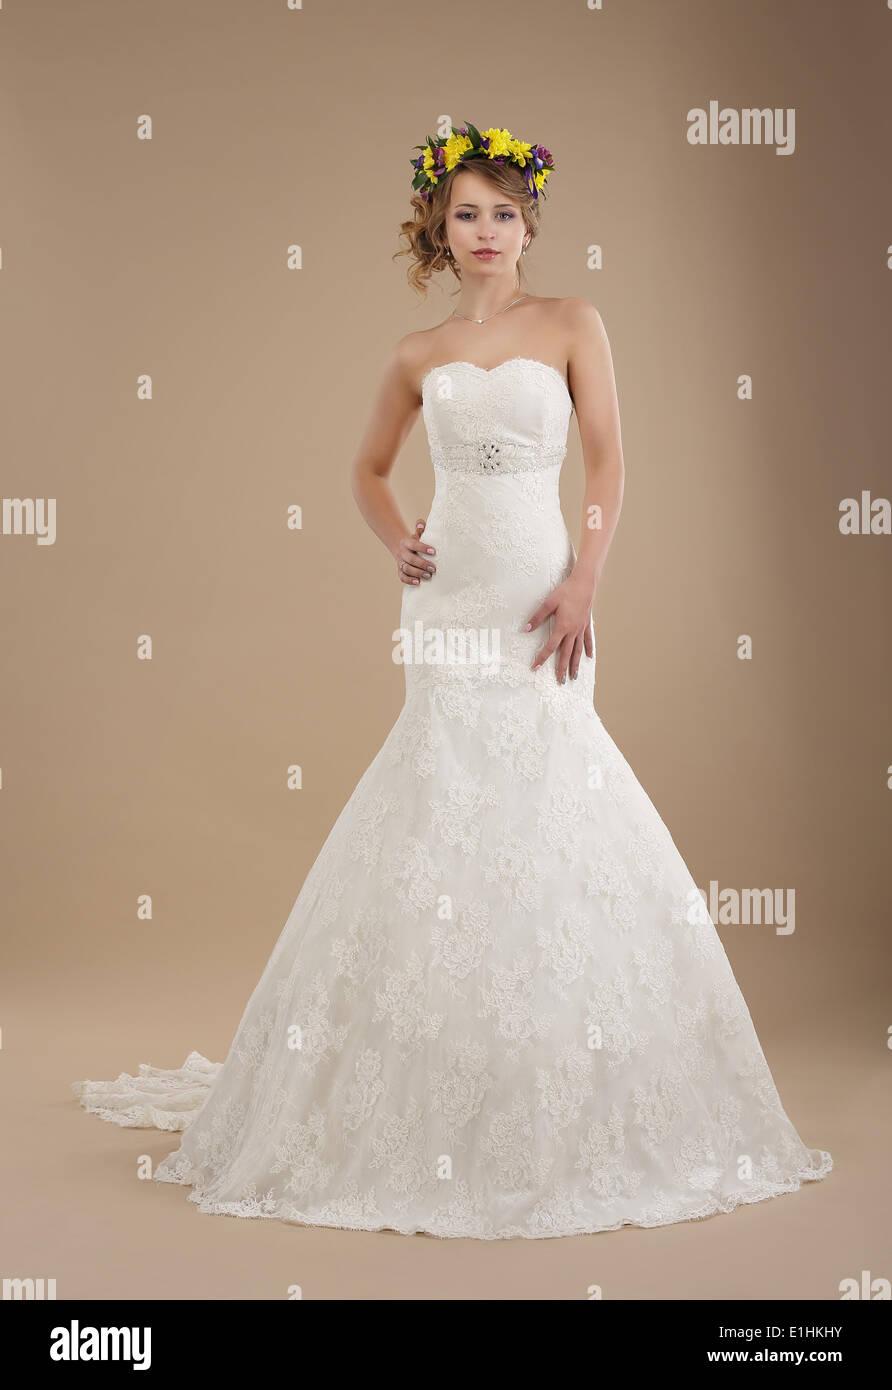 Charmante femme en robe de mariée avec gerbe de fleurs Photo Stock